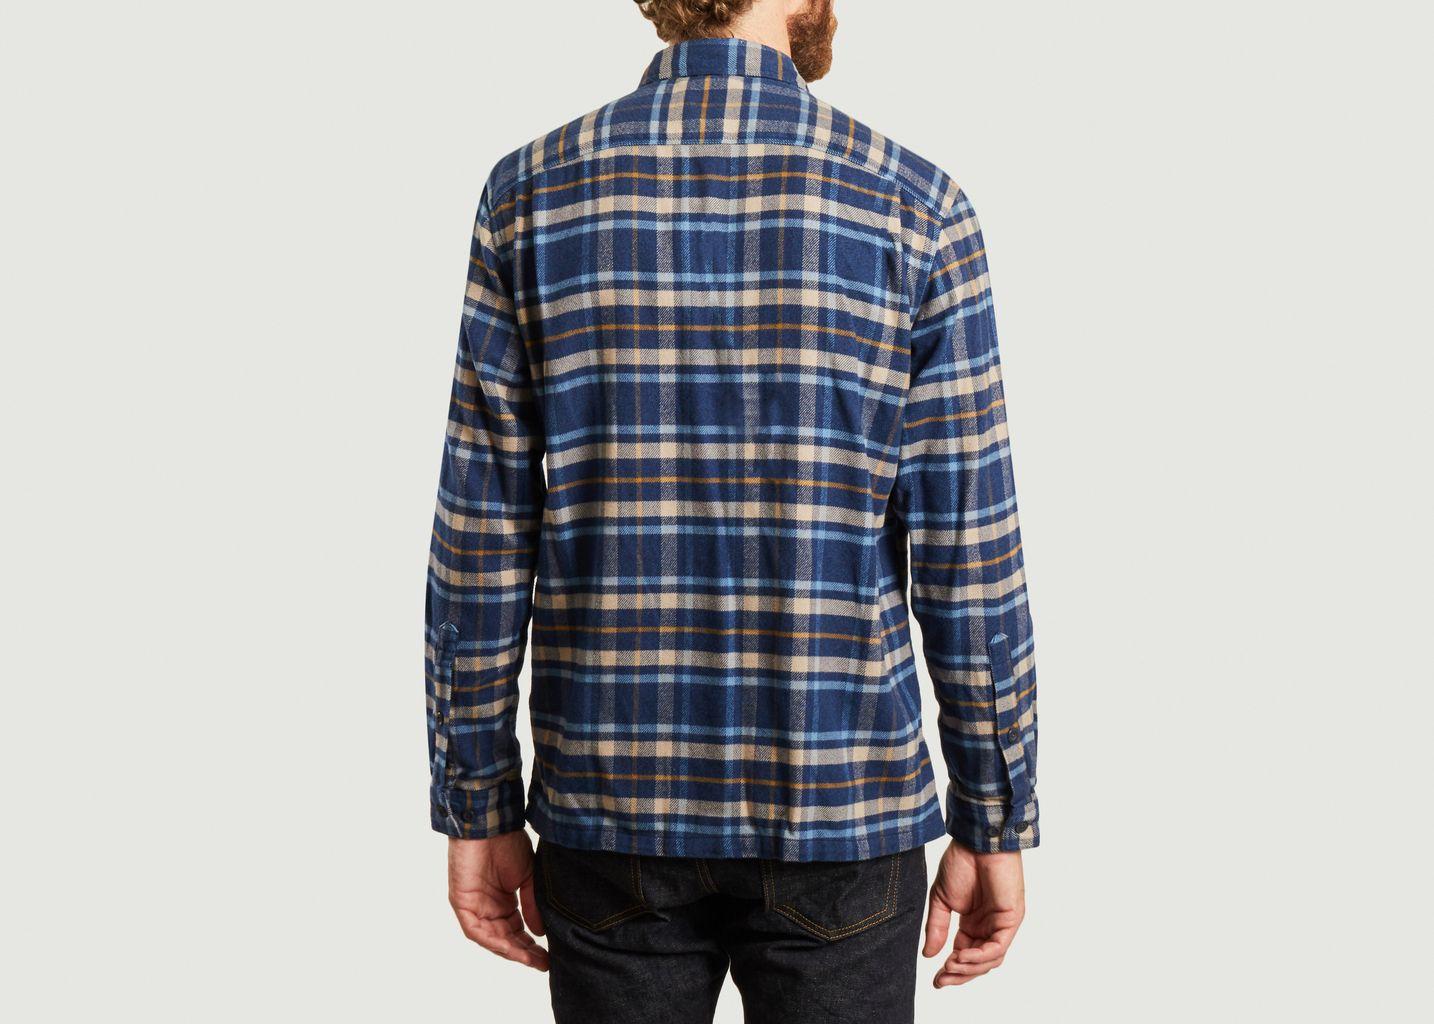 Chemise à carreaux Fjord Flannel - Patagonia